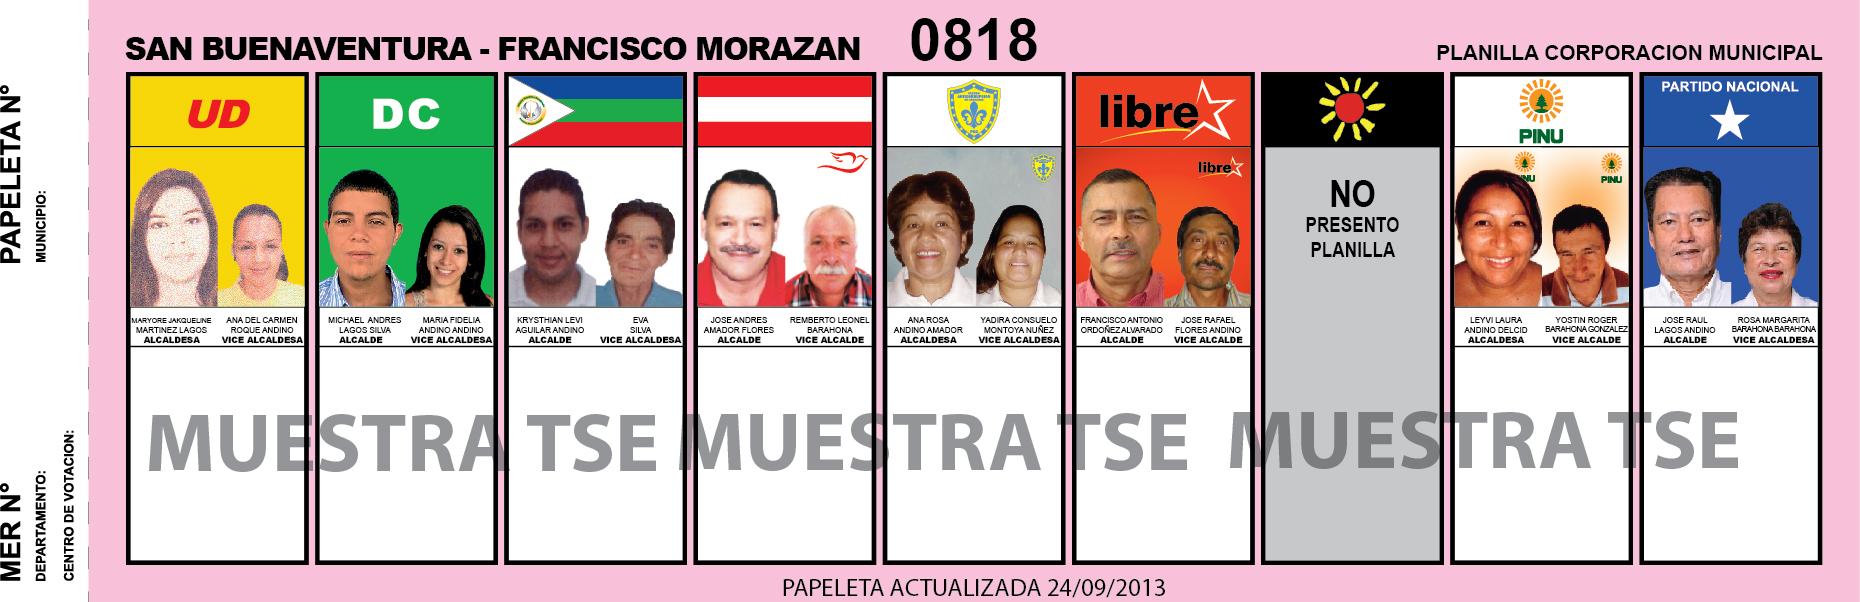 CANDIDATOS 2013 MUNICIPIO SAN BUENAVENTURA - FRANCISCO MORAZAN - HONDURAS